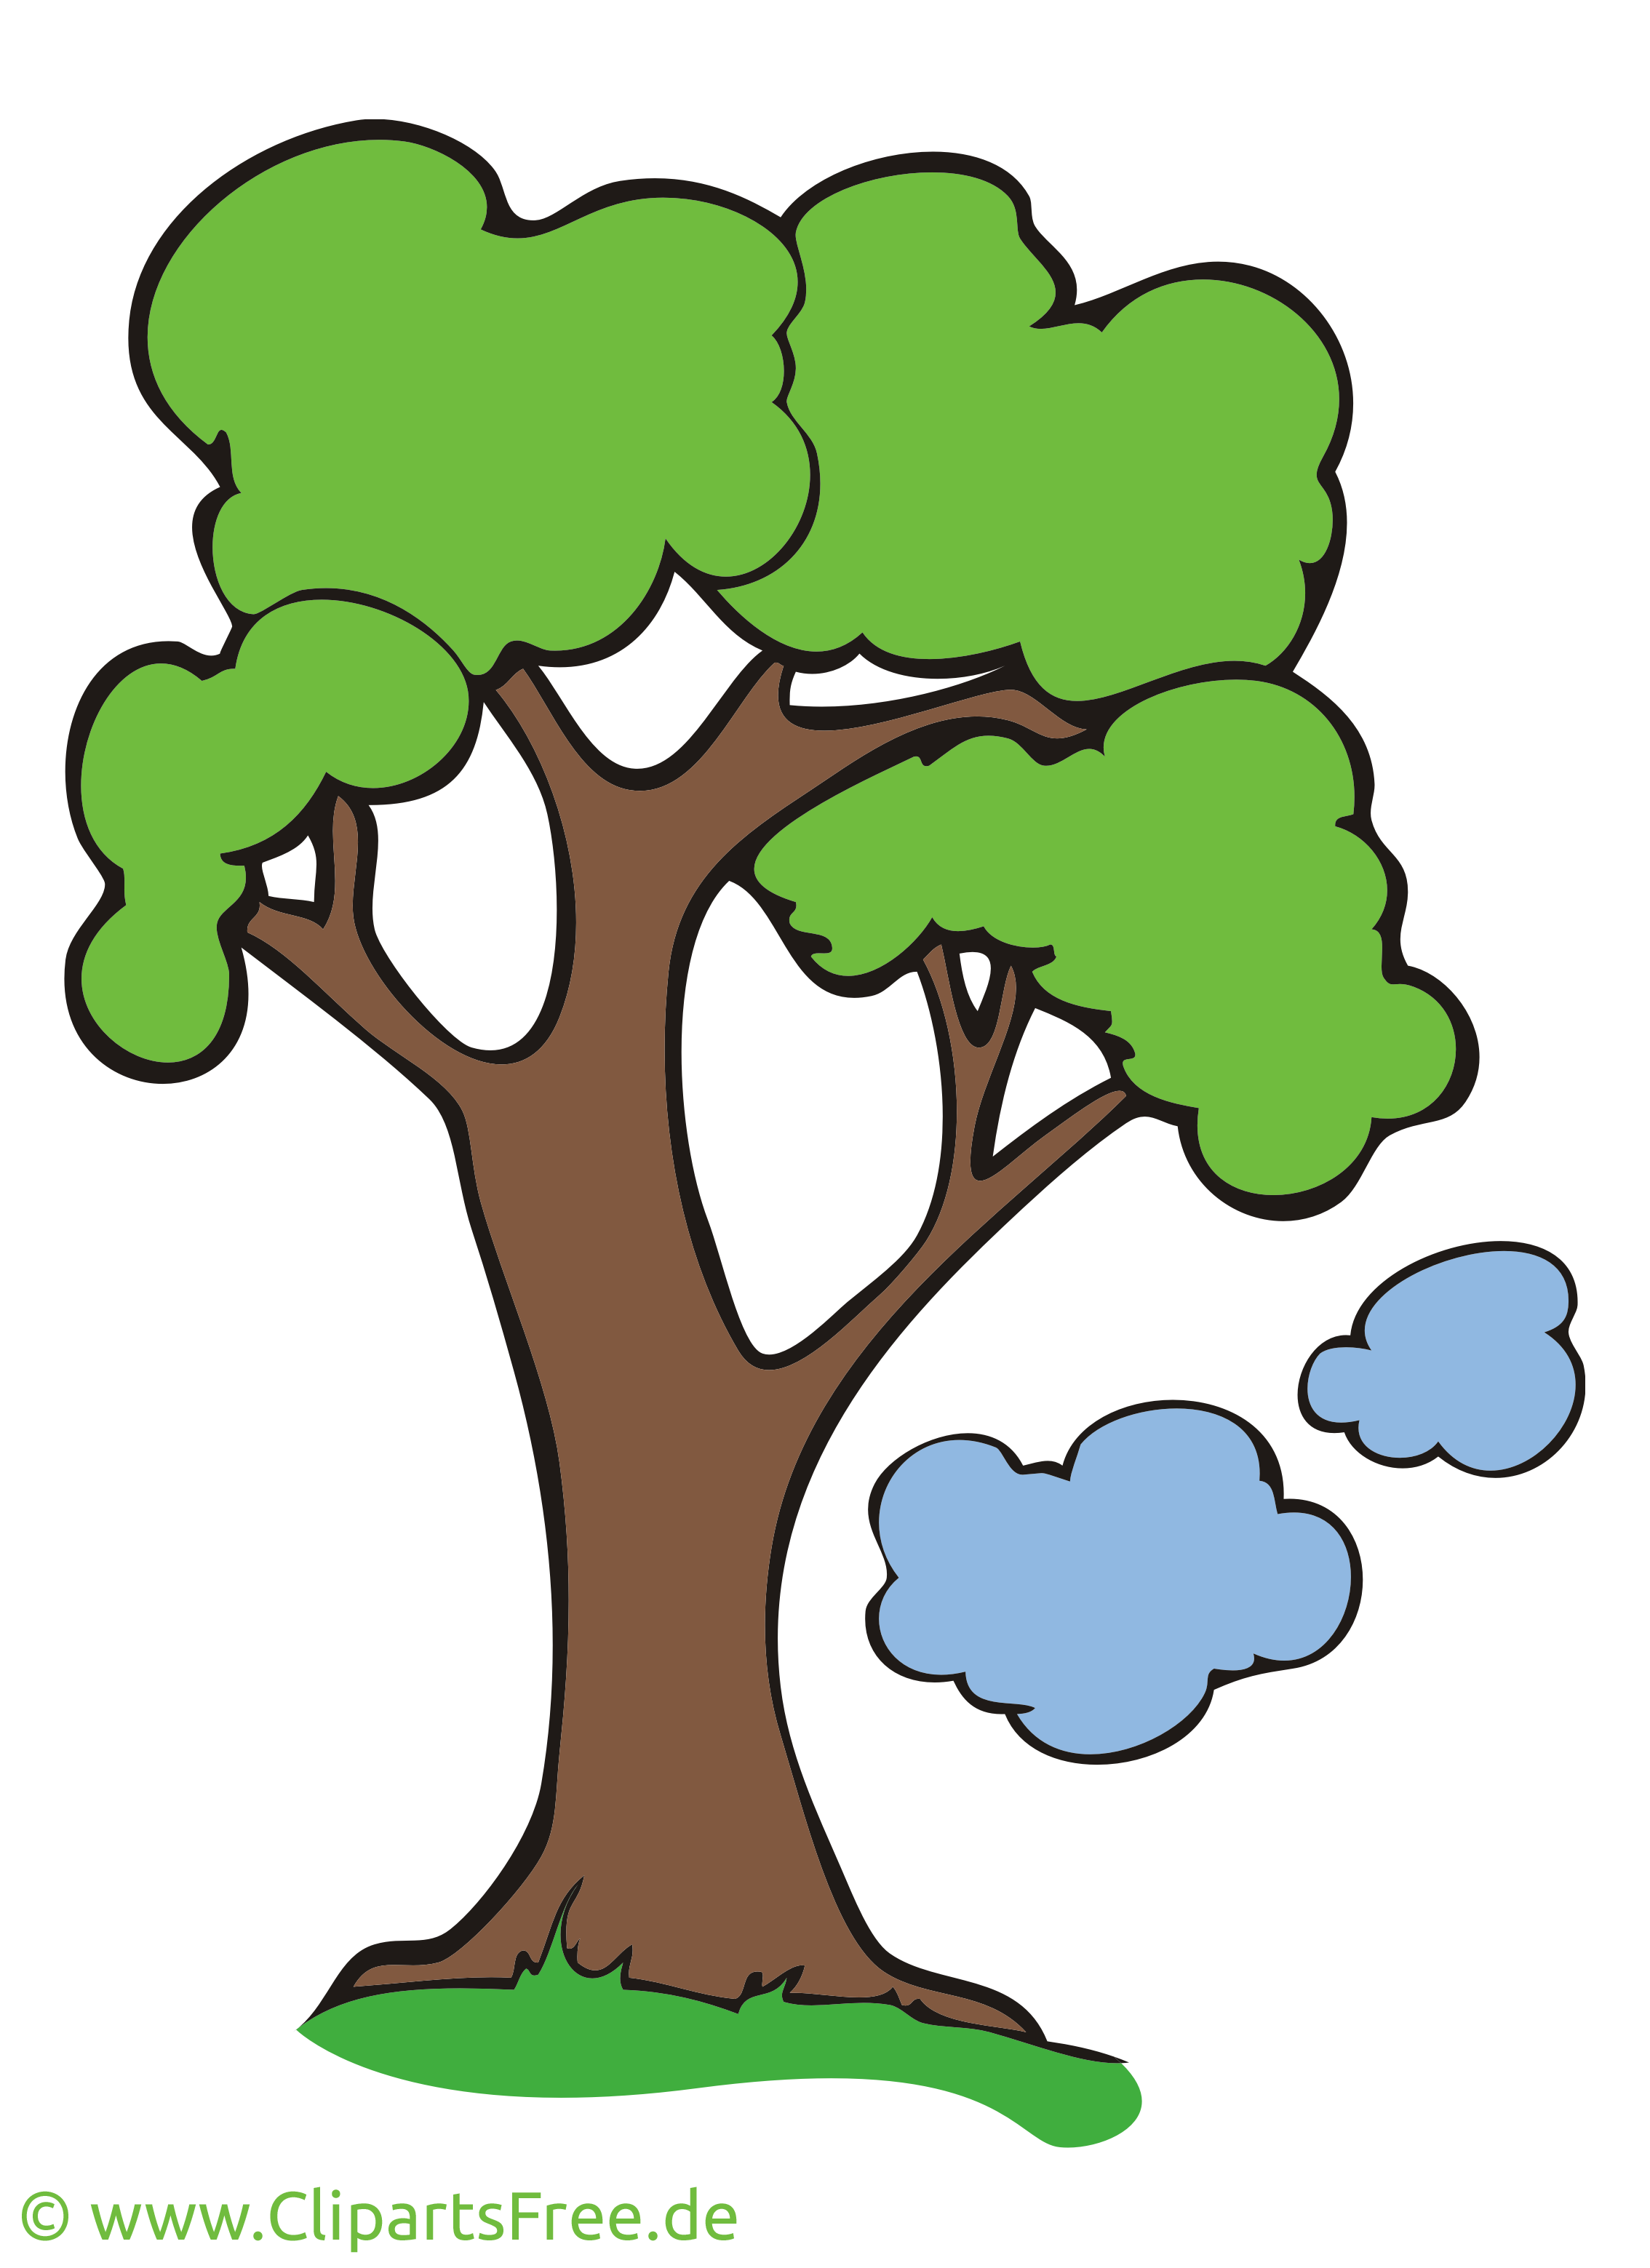 Chêne illustration - Arbre images gratuites